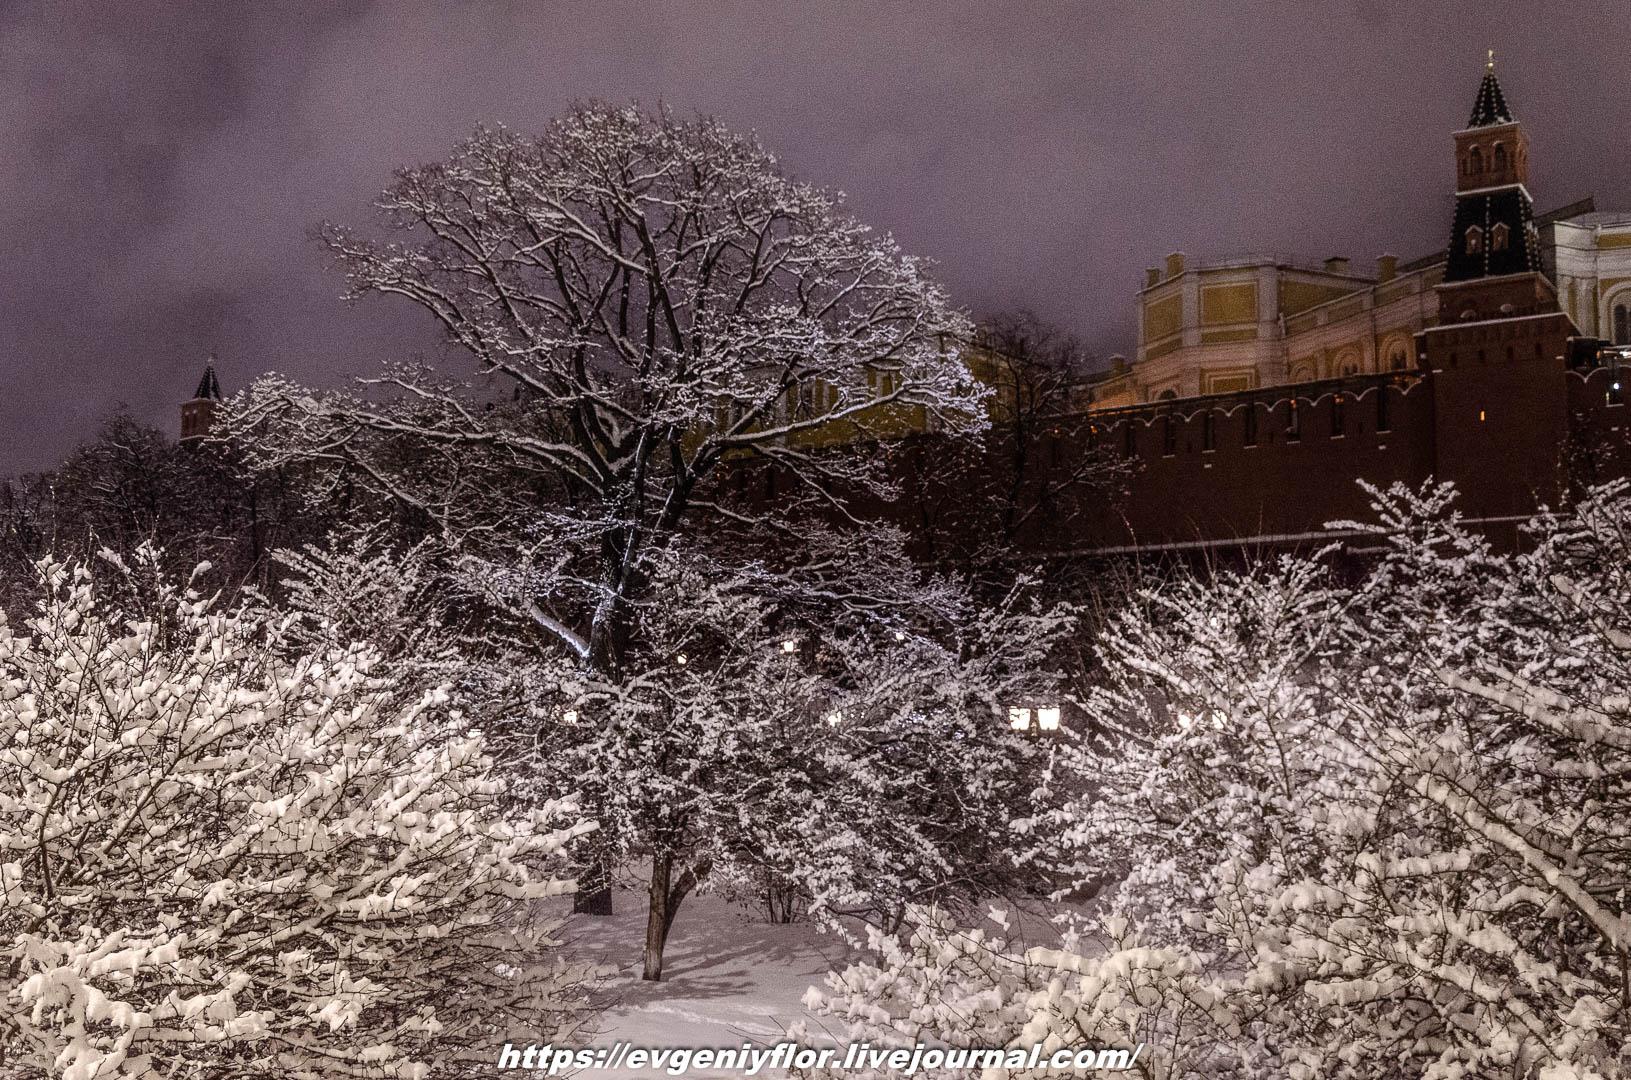 Вечерняя прогулка после снегопада    13 02 - 2019 Среда !Новая папка (2)6633.jpg